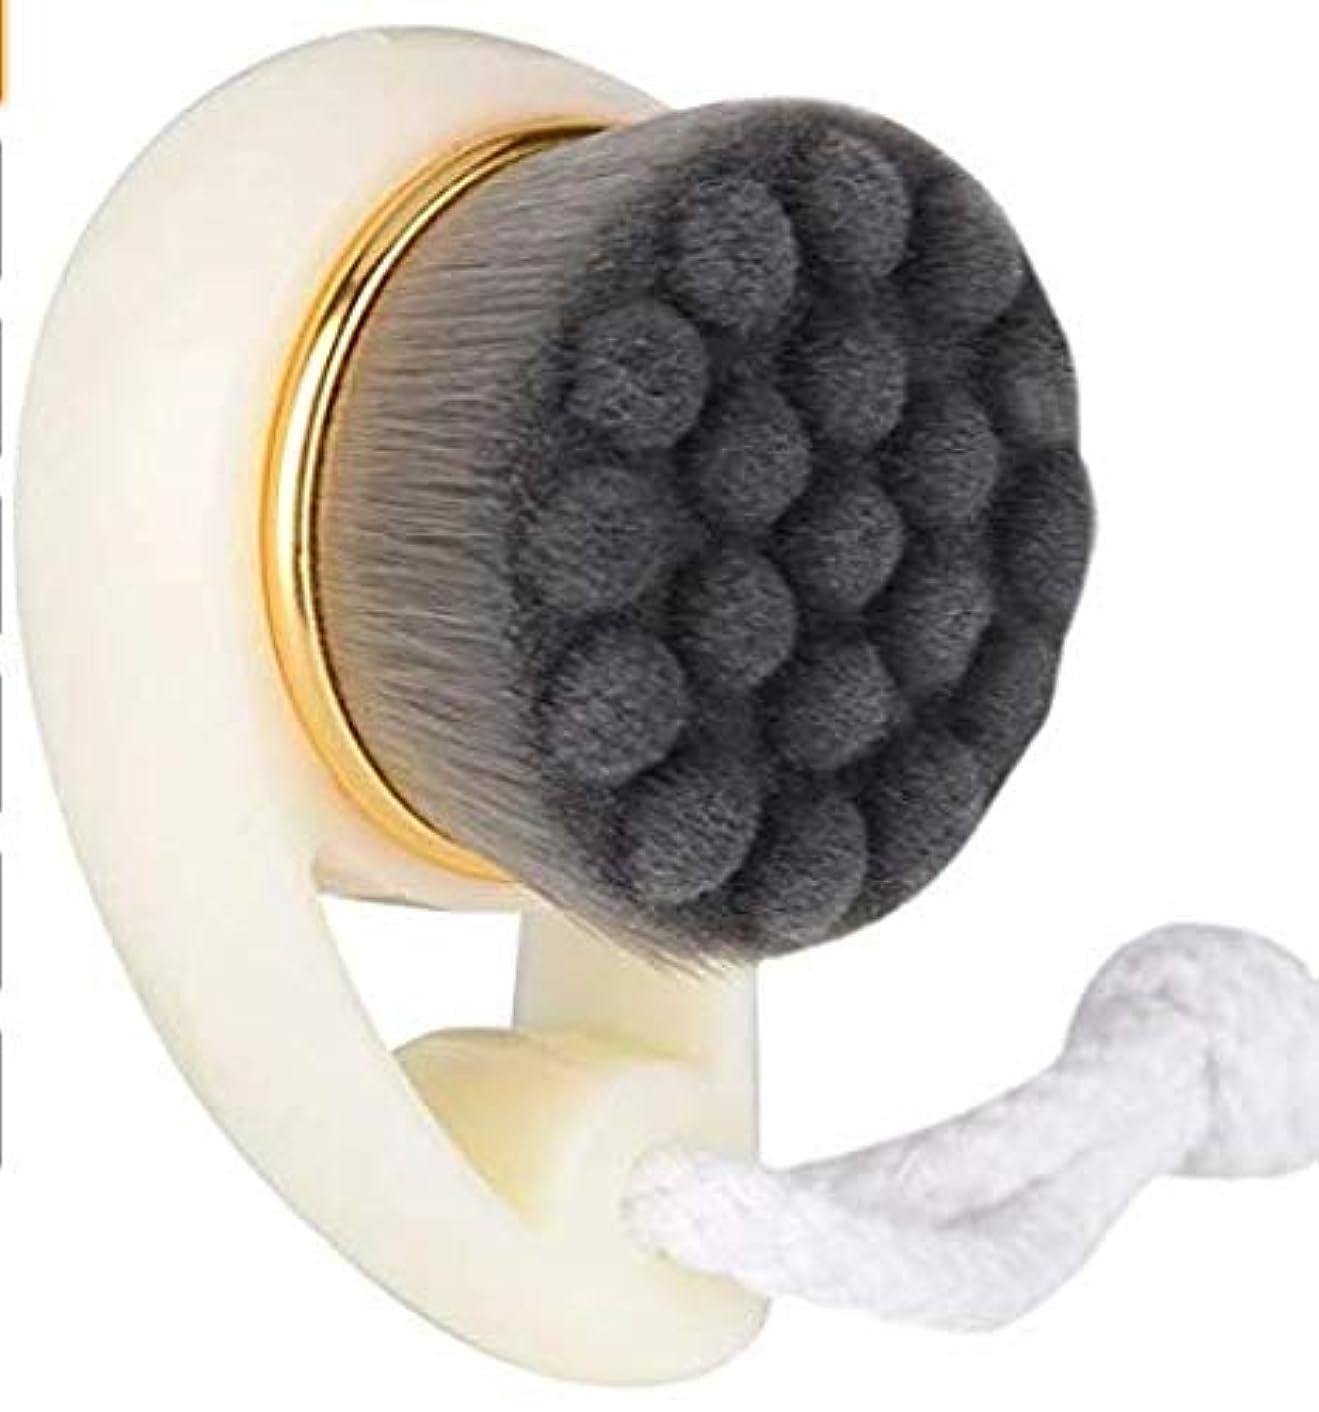 ステーキキー音楽化粧ブラシ、手動毛穴、マッサージ、美容製品、美容製品、にきび毛穴、きれいな肌、毛穴